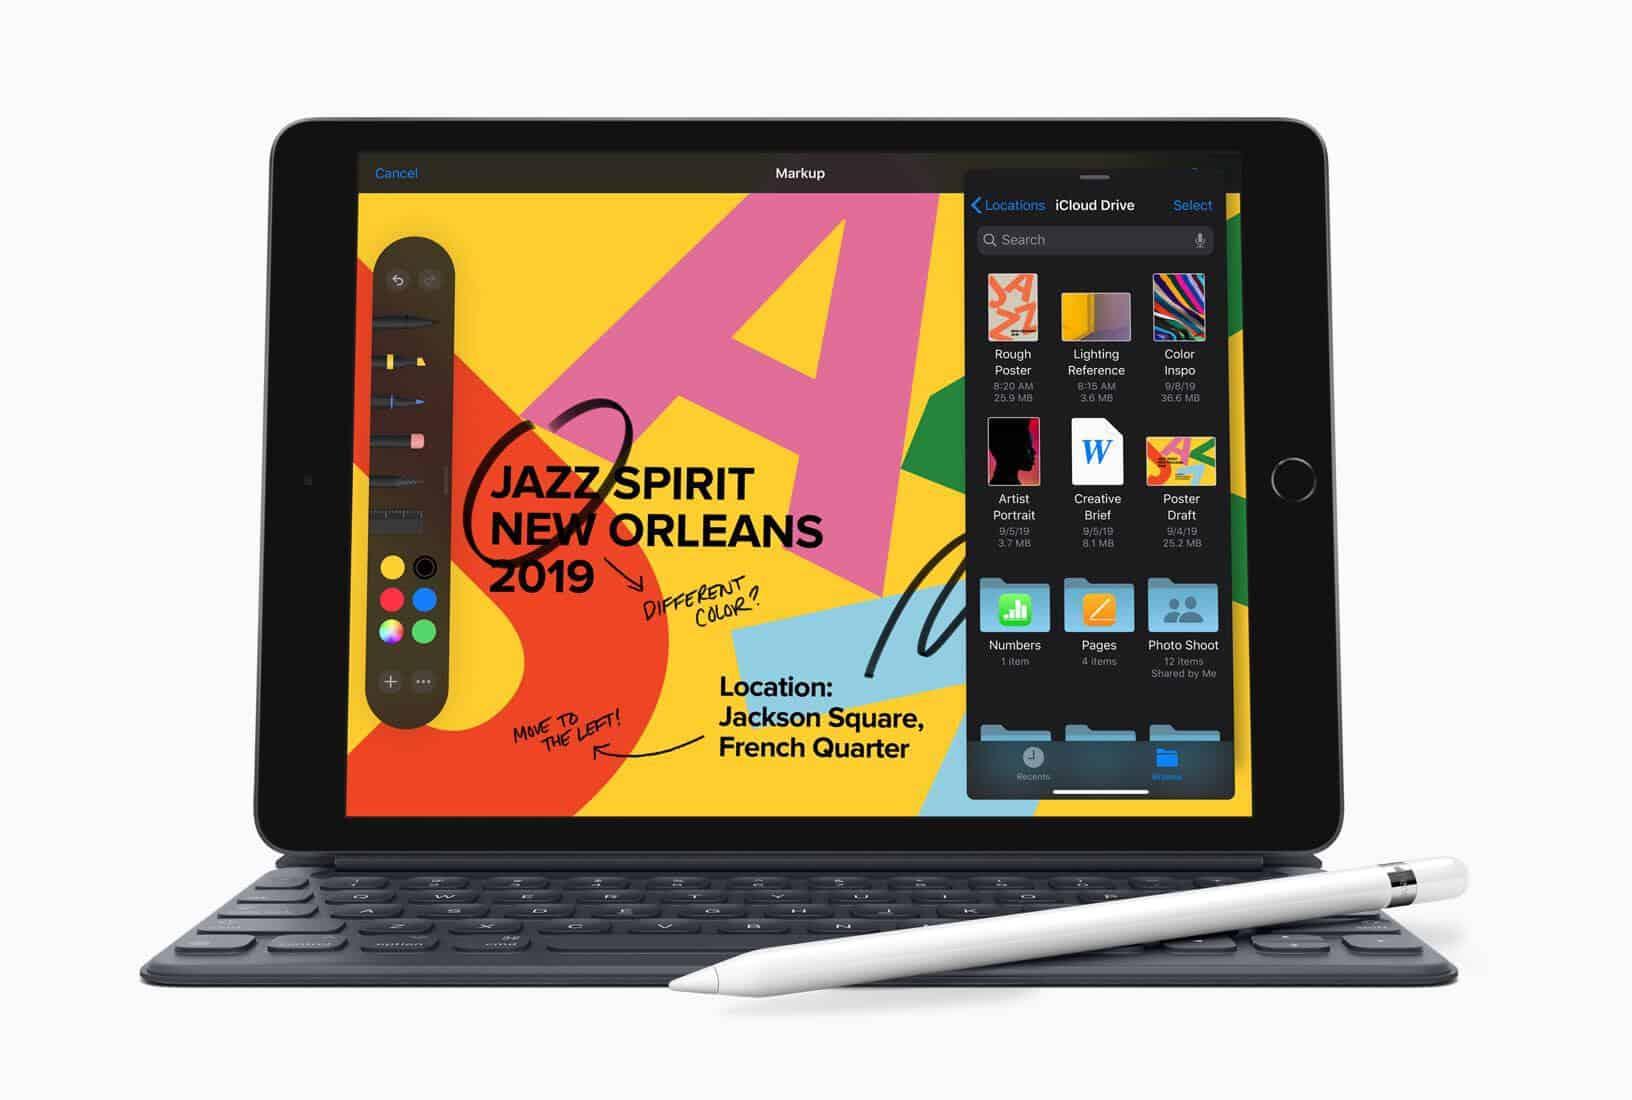 Nový iPad (2019) nabízí Retina displej a možnost malování s Apple Pencil